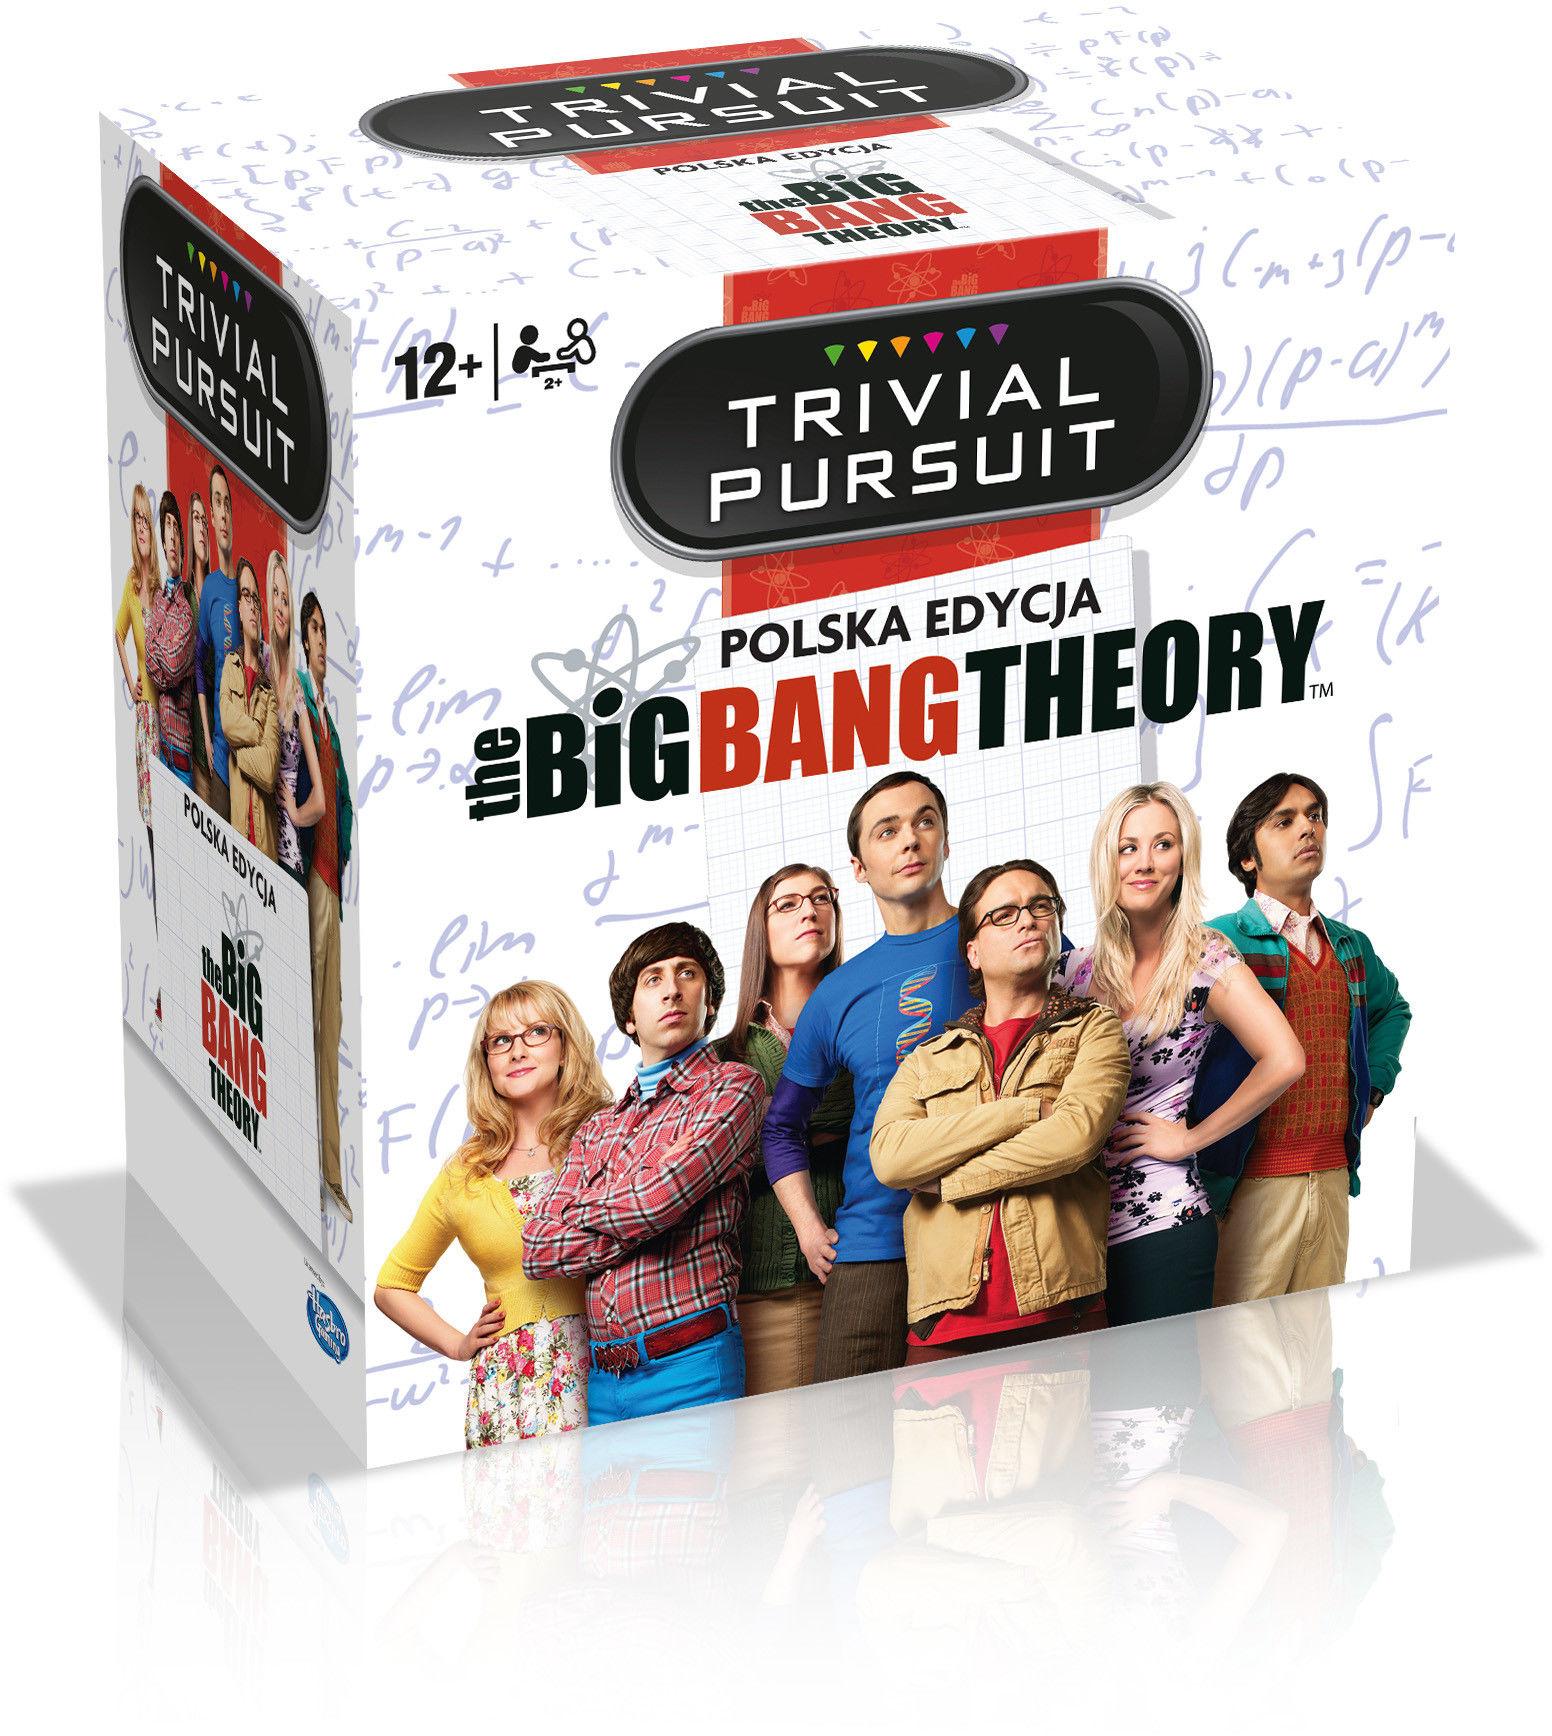 Gra Trivial Pursiut Big Bang Theory PL